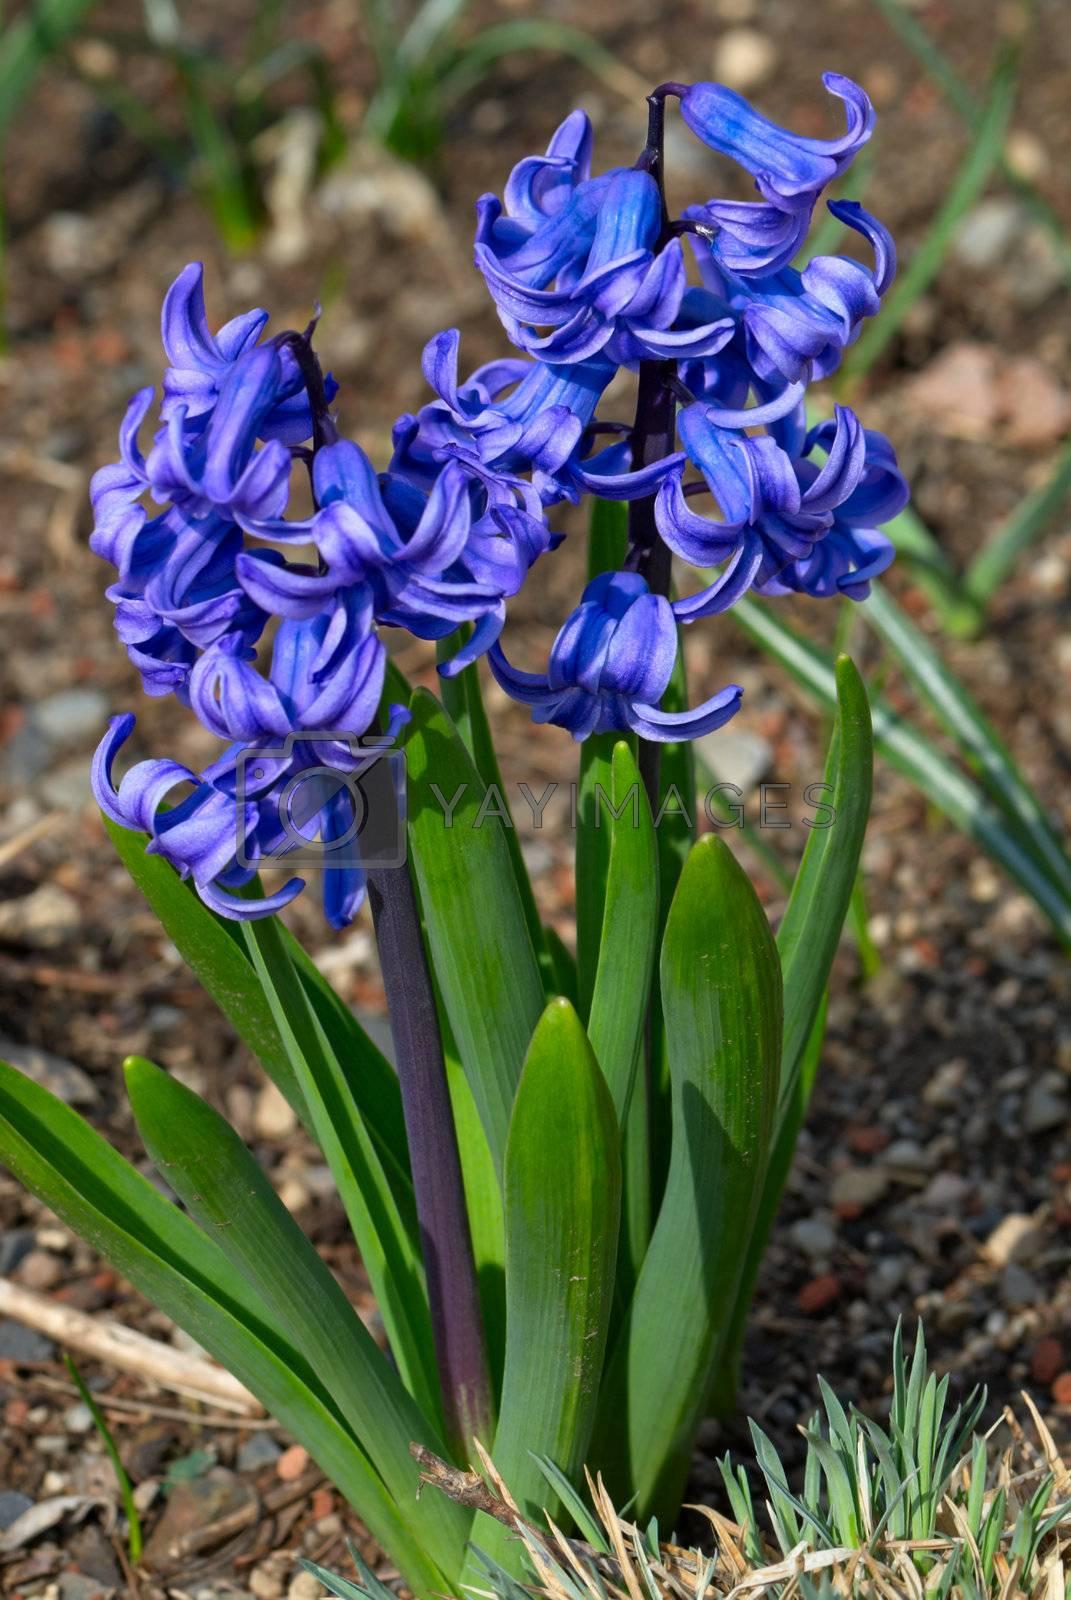 Blue hyacinths (Hyacintus orientalis) flower in bloom. Beautiful spring flora.